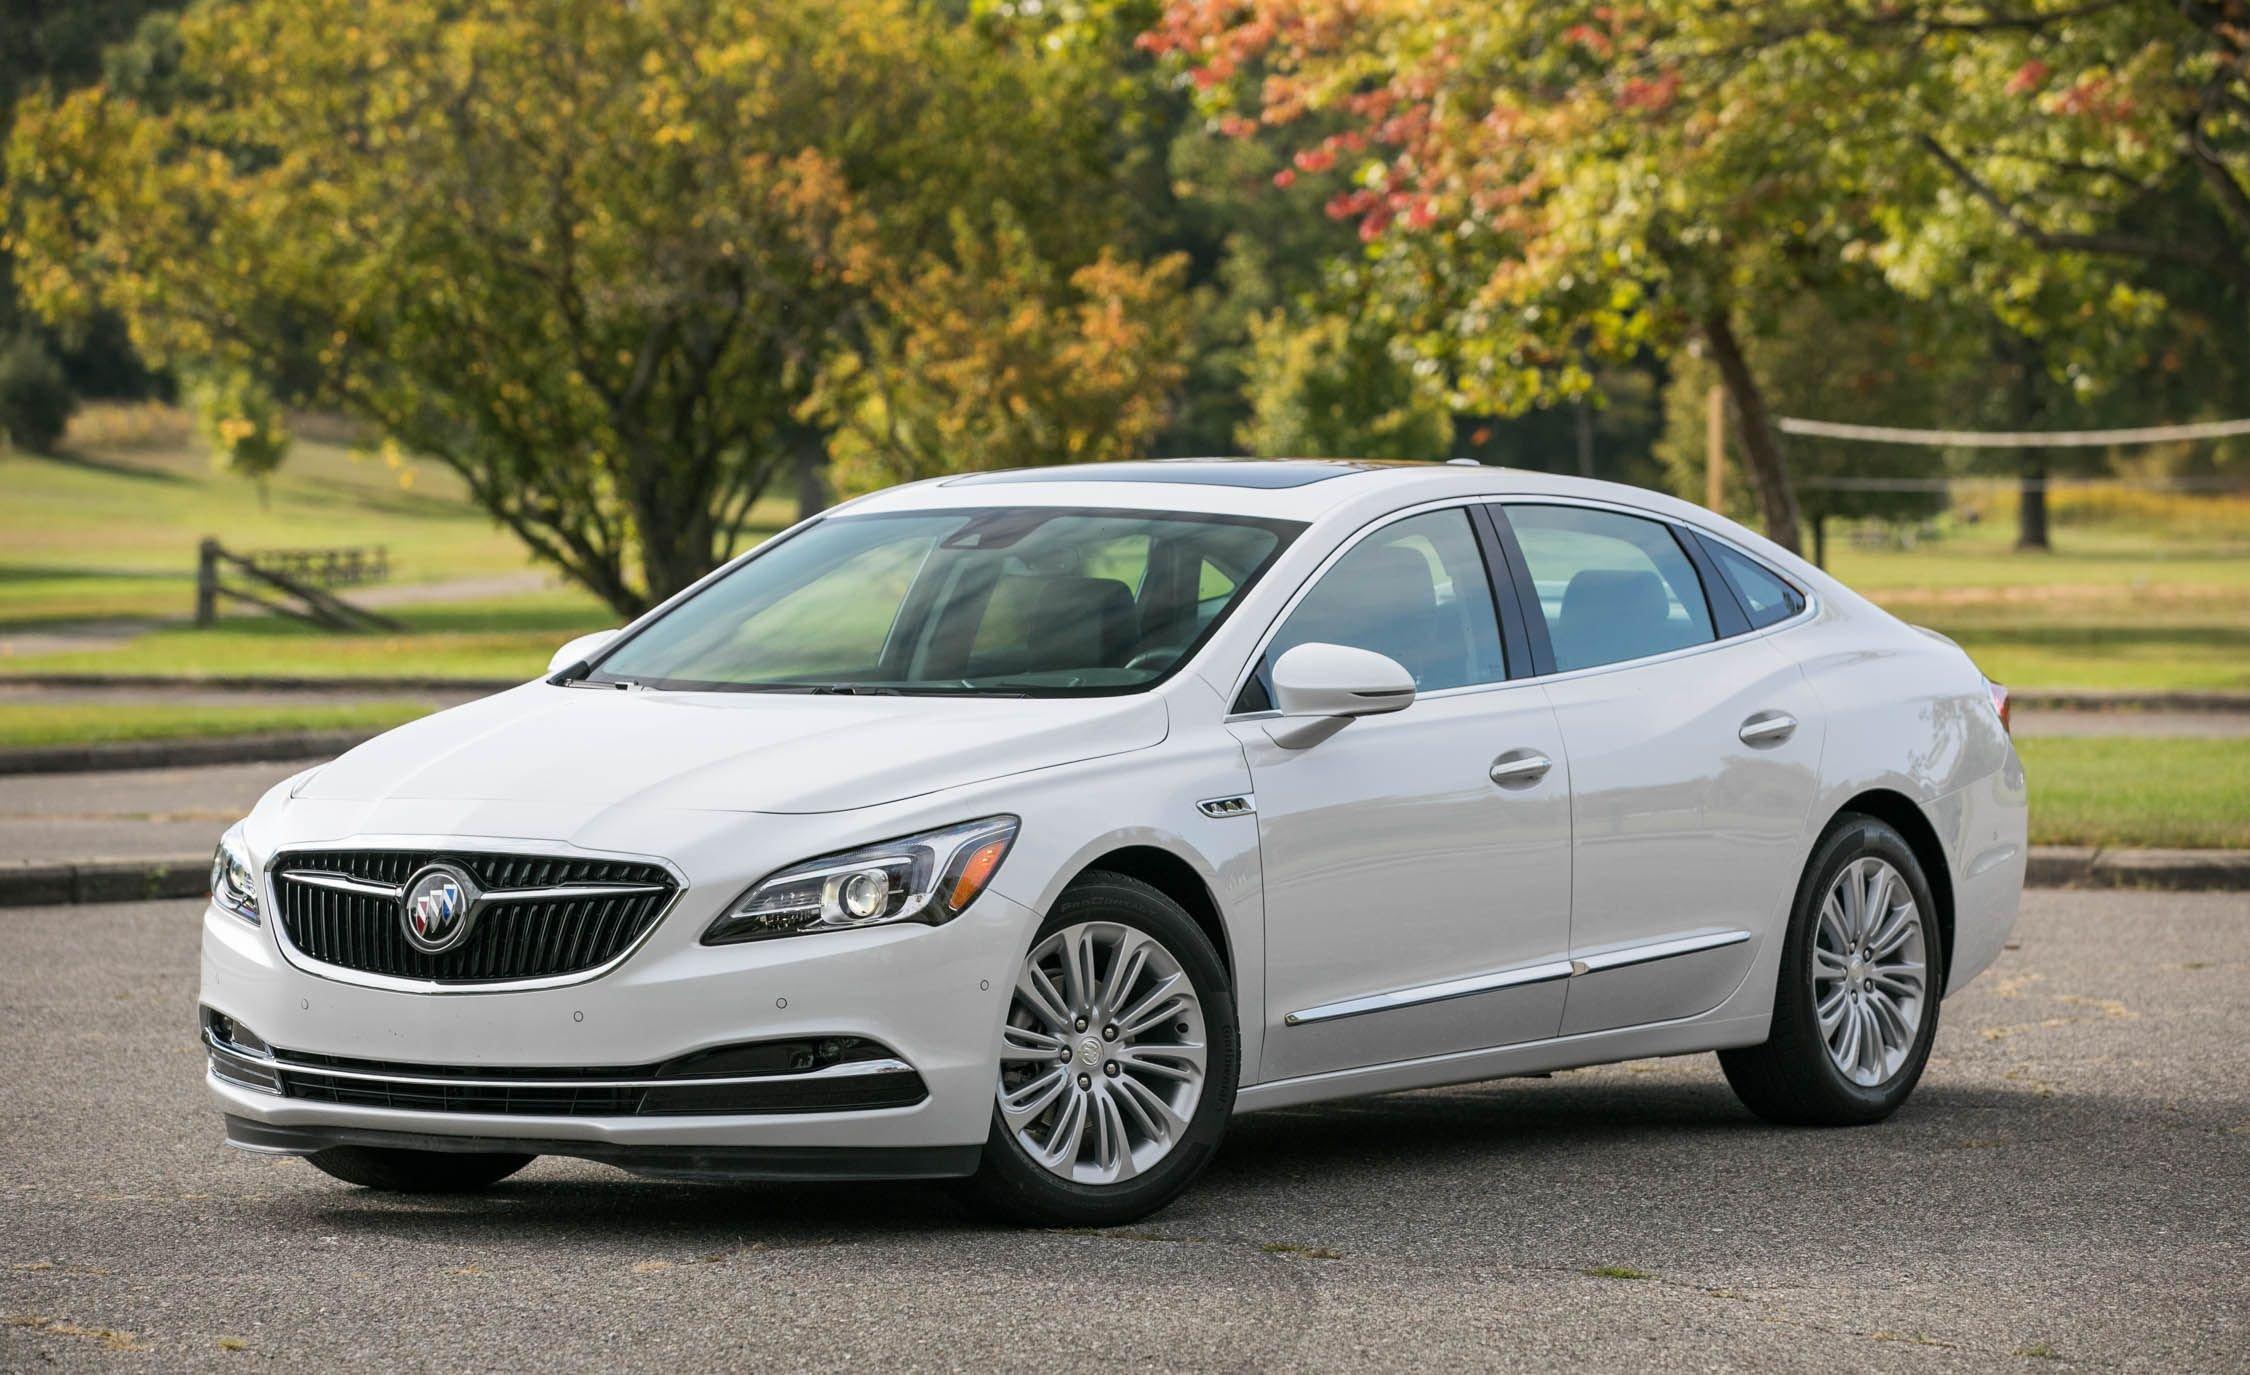 Вглобальной web-сети рассказали некоторые подробности улучшенного Buick LaCrosse